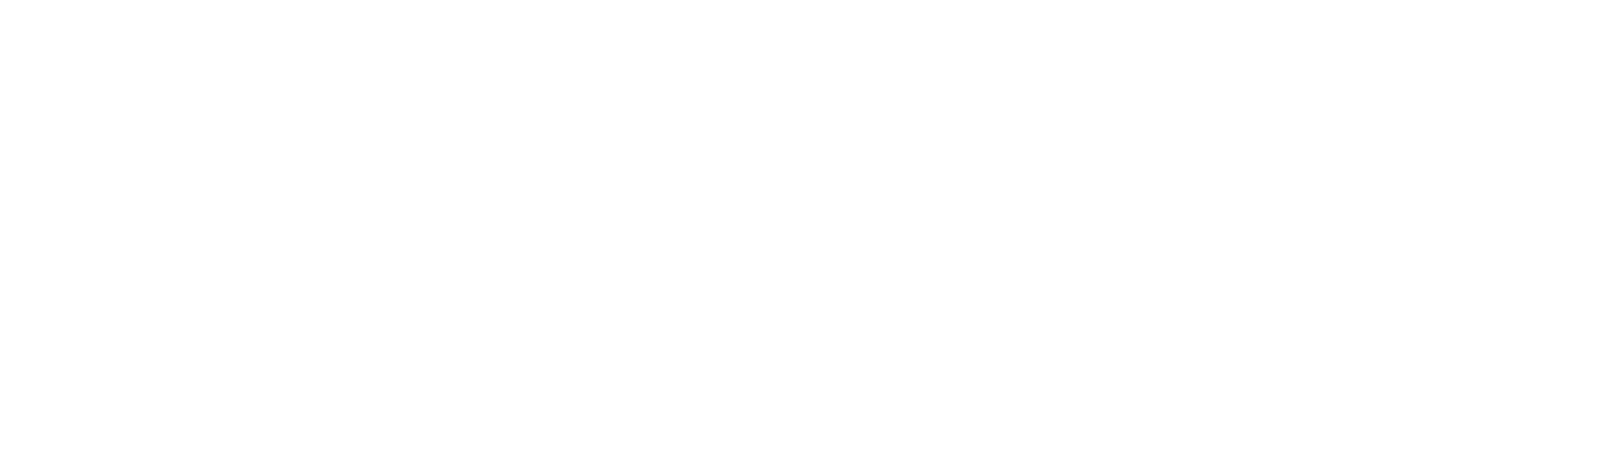 rachel-jones-signature